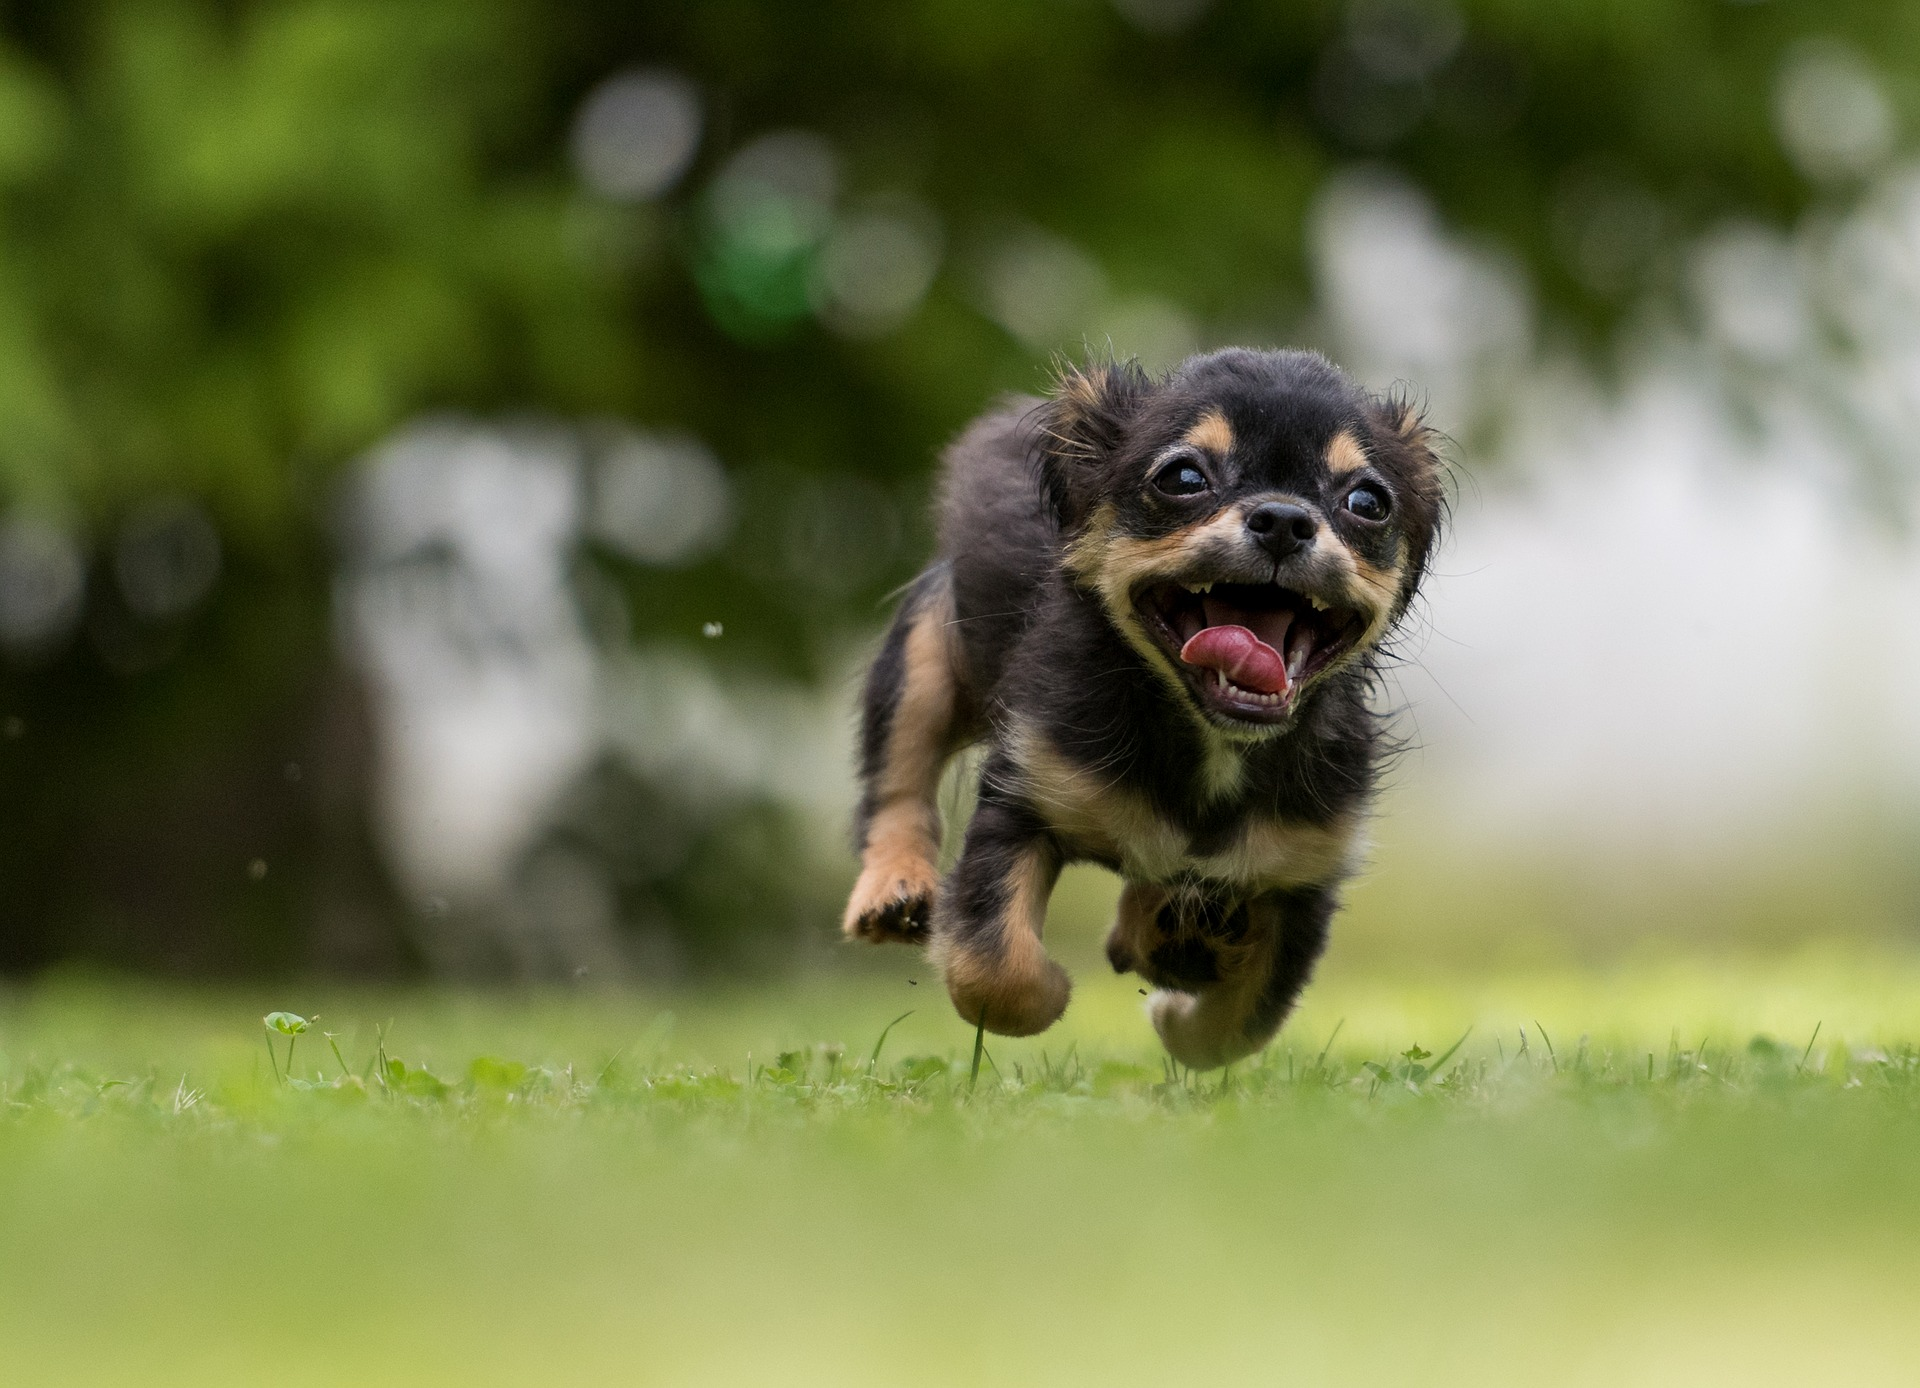 幸せな育て方をされて健康的な犬